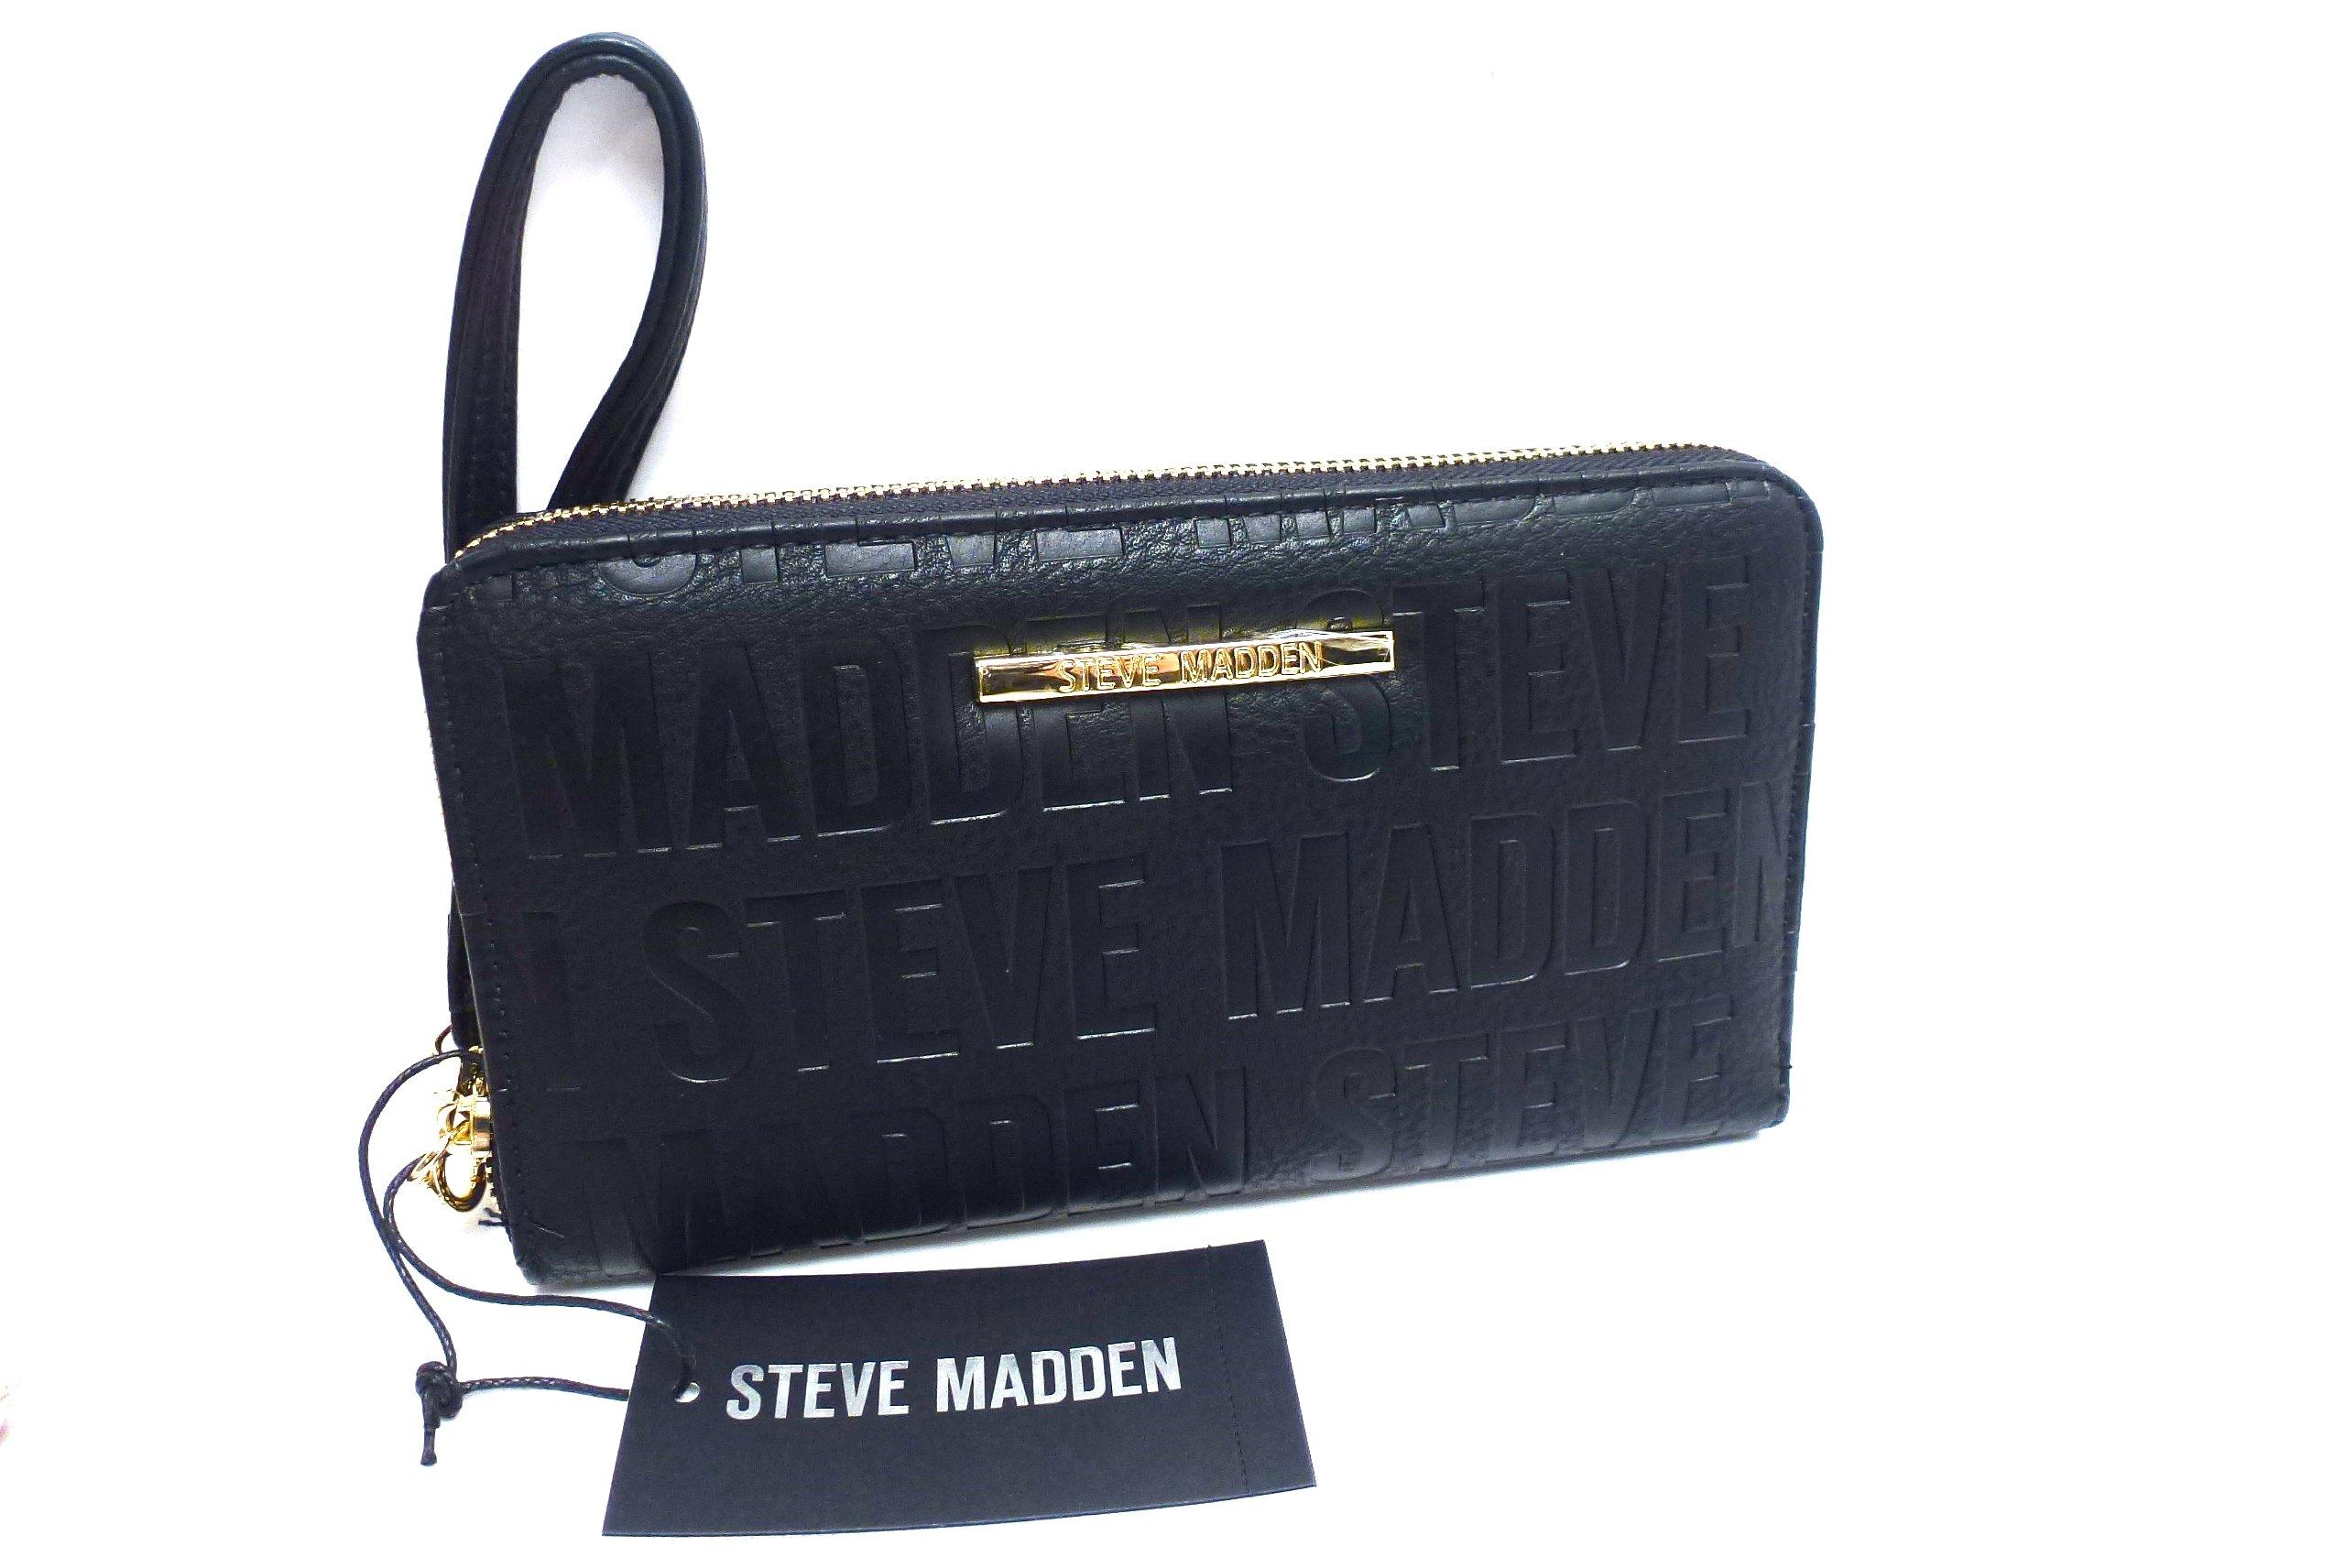 Steve Madden Wristlet/Wallet/Cell Phone Holder Black